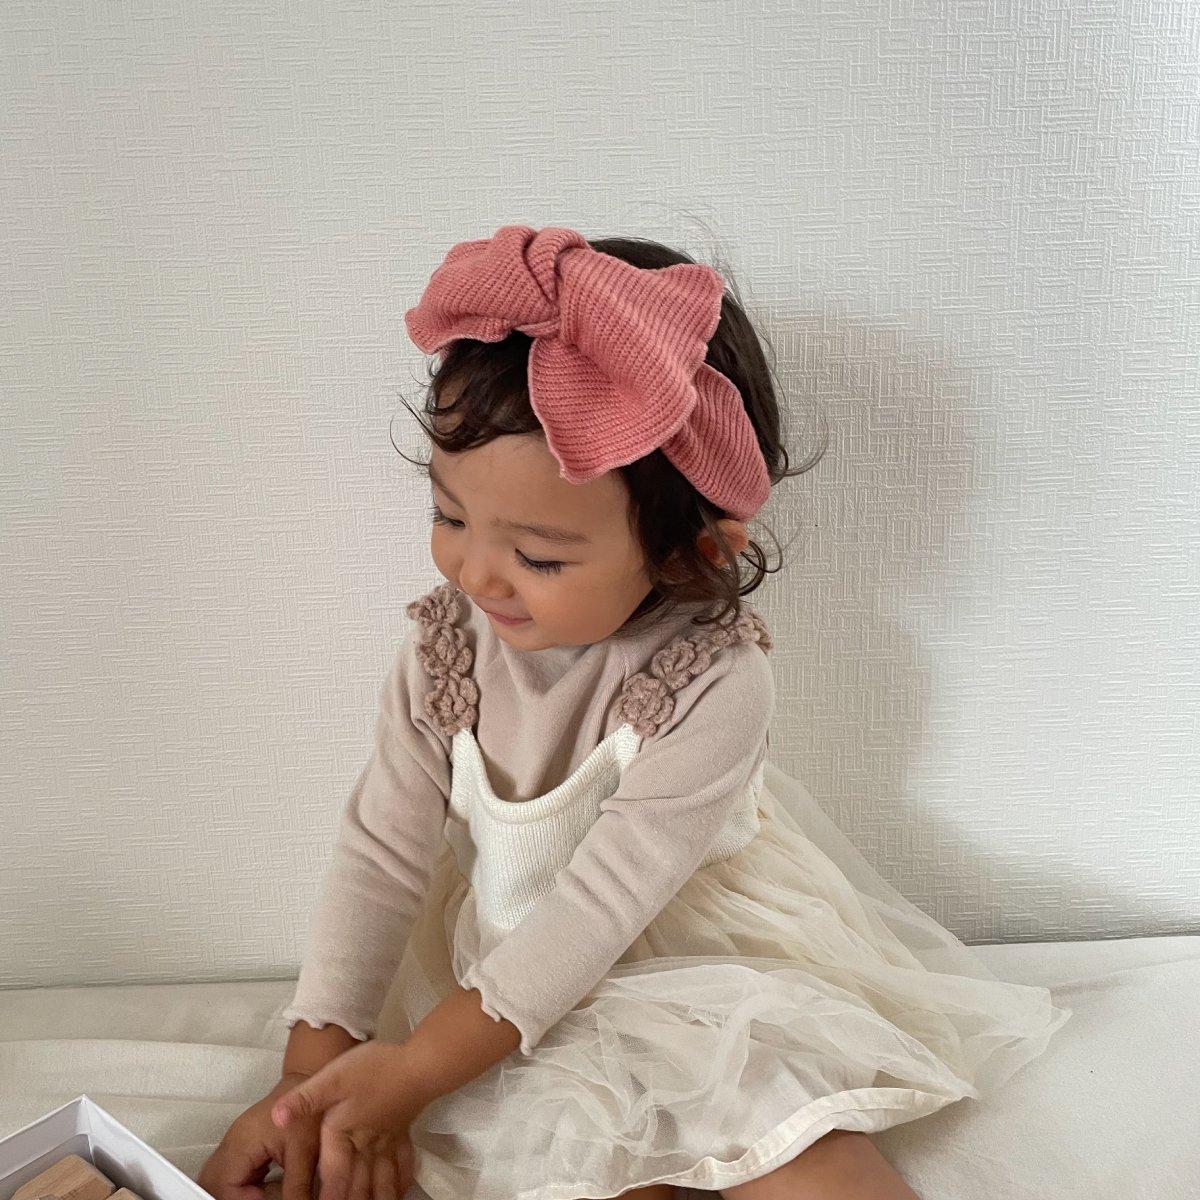 【BABY】Baby Knit Turban 詳細画像10